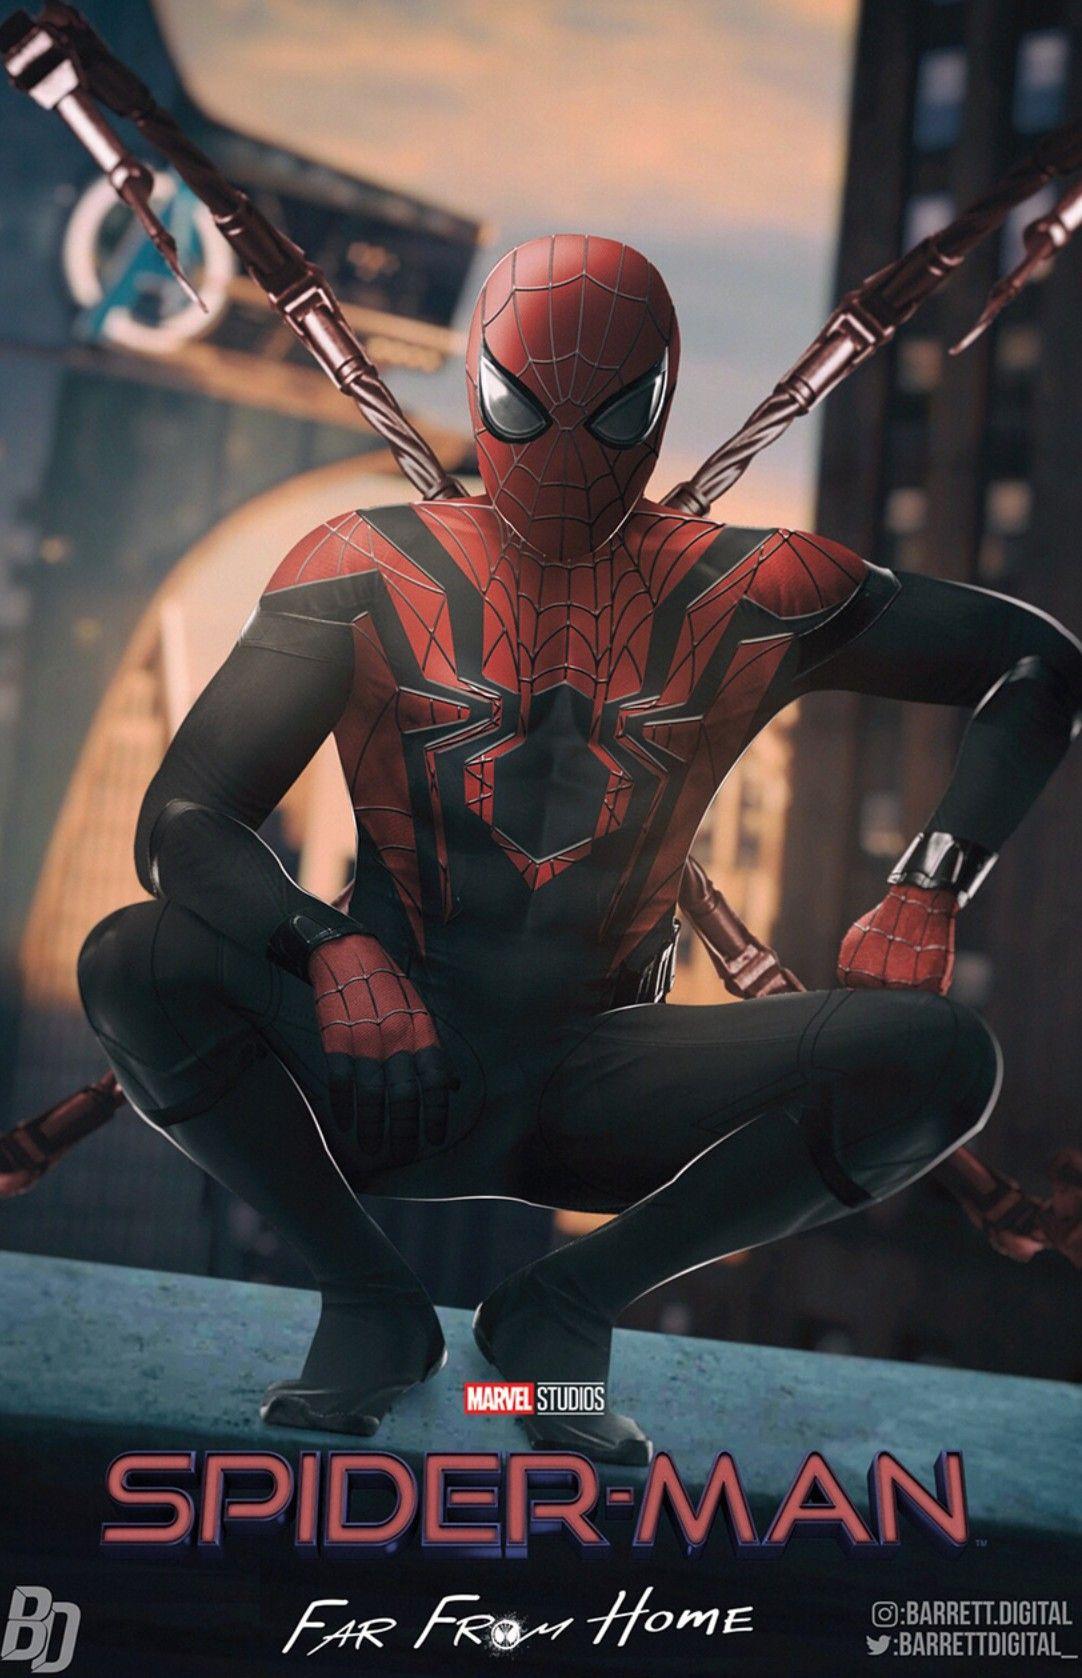 spider-man, far from home | spidey | pinterest | spiderman, marvel